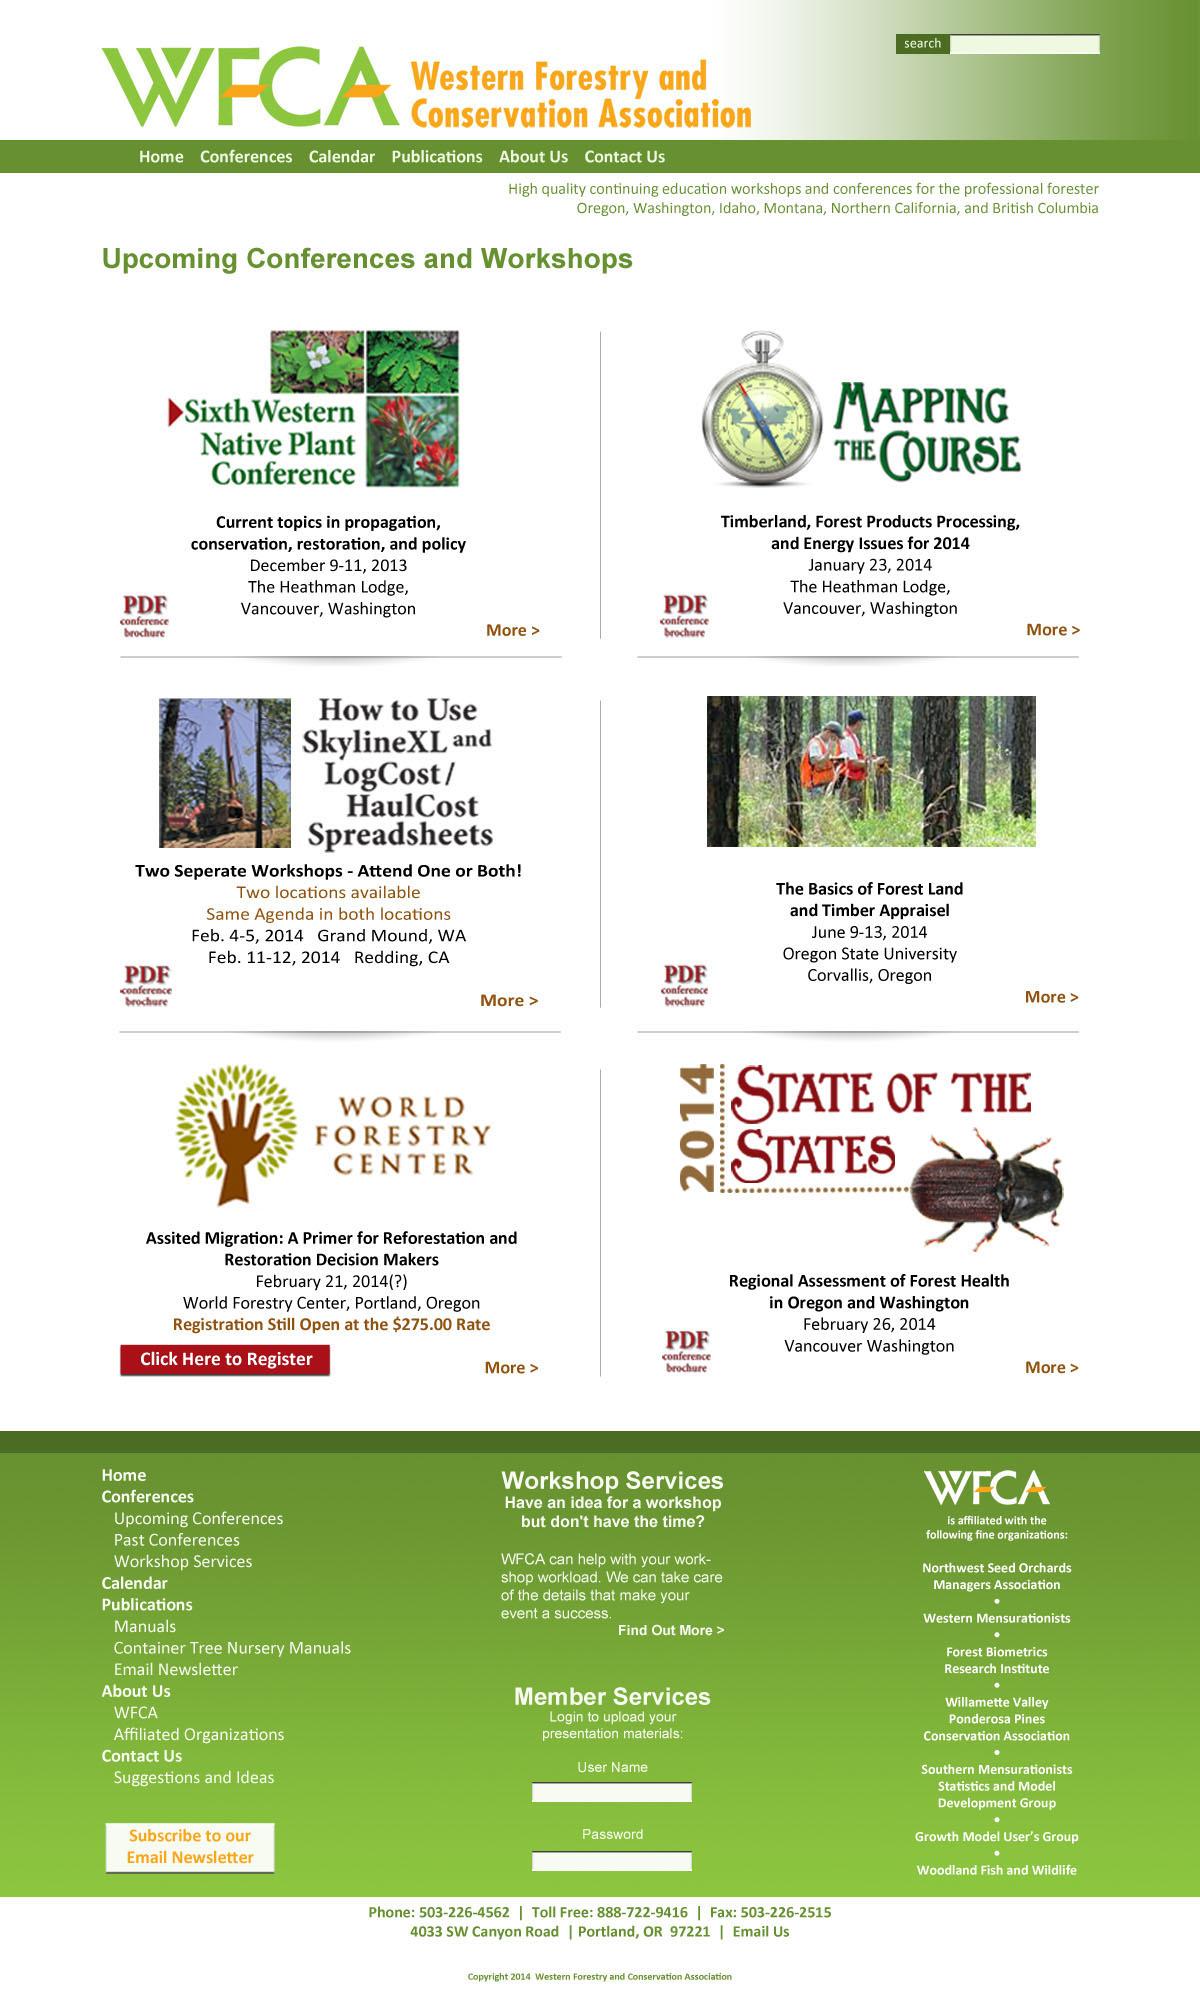 Website Design, Web Development, Graphic Design, Marketing, Logo Design, Logo Creation, Missoula Montana, Missoula MT, Denver Colorado, Denver CO, Icon Design, Favicon Design, Responsive Design